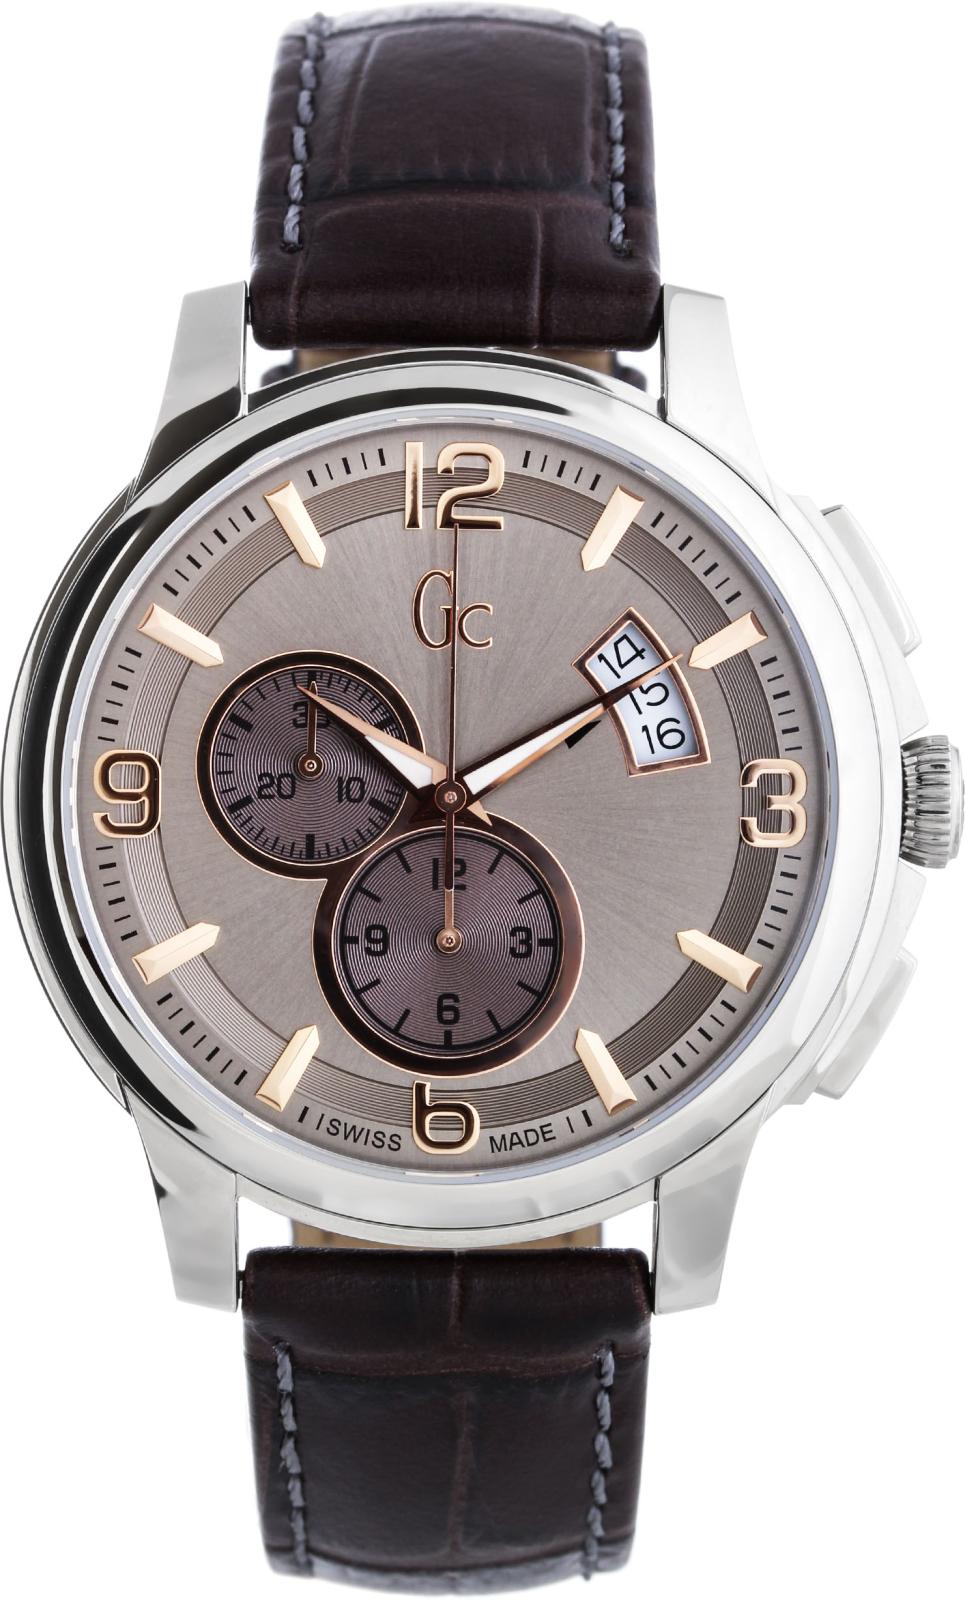 GC Sport Chic X83009G1SНаручные часы<br>Швейцарские часы GC Sport Chic X83009G1S<br><br>Пол: Мужские<br>Страна-производитель: Швейцария<br>Механизм: Кварцевый<br>Материал корпуса: Сталь<br>Материал ремня/браслета: Кожа<br>Водозащита, диапазон: 100 - 150 м<br>Стекло: Сапфировое<br>Толщина корпуса: 11 мм<br>Стиль: Спорт